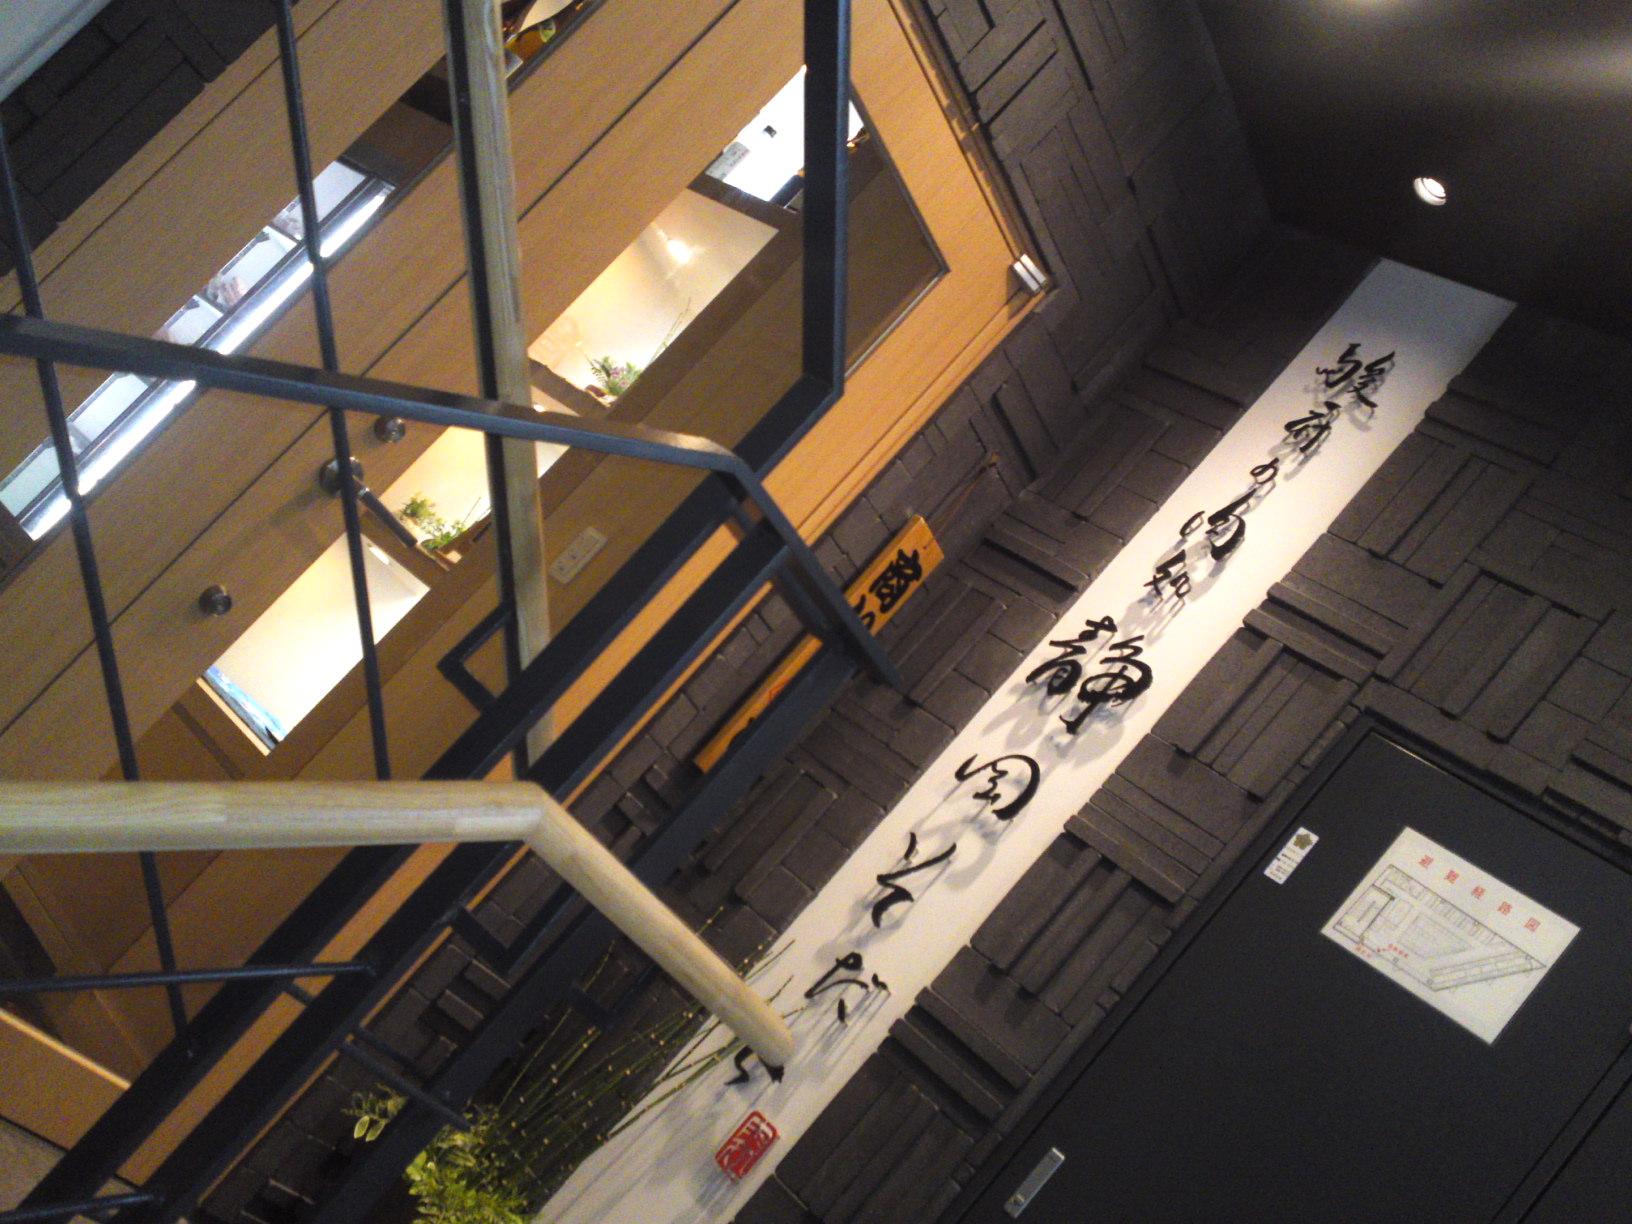 wagyu beef, Sunpu No Nikudokoro, restaurant, Shizuoka